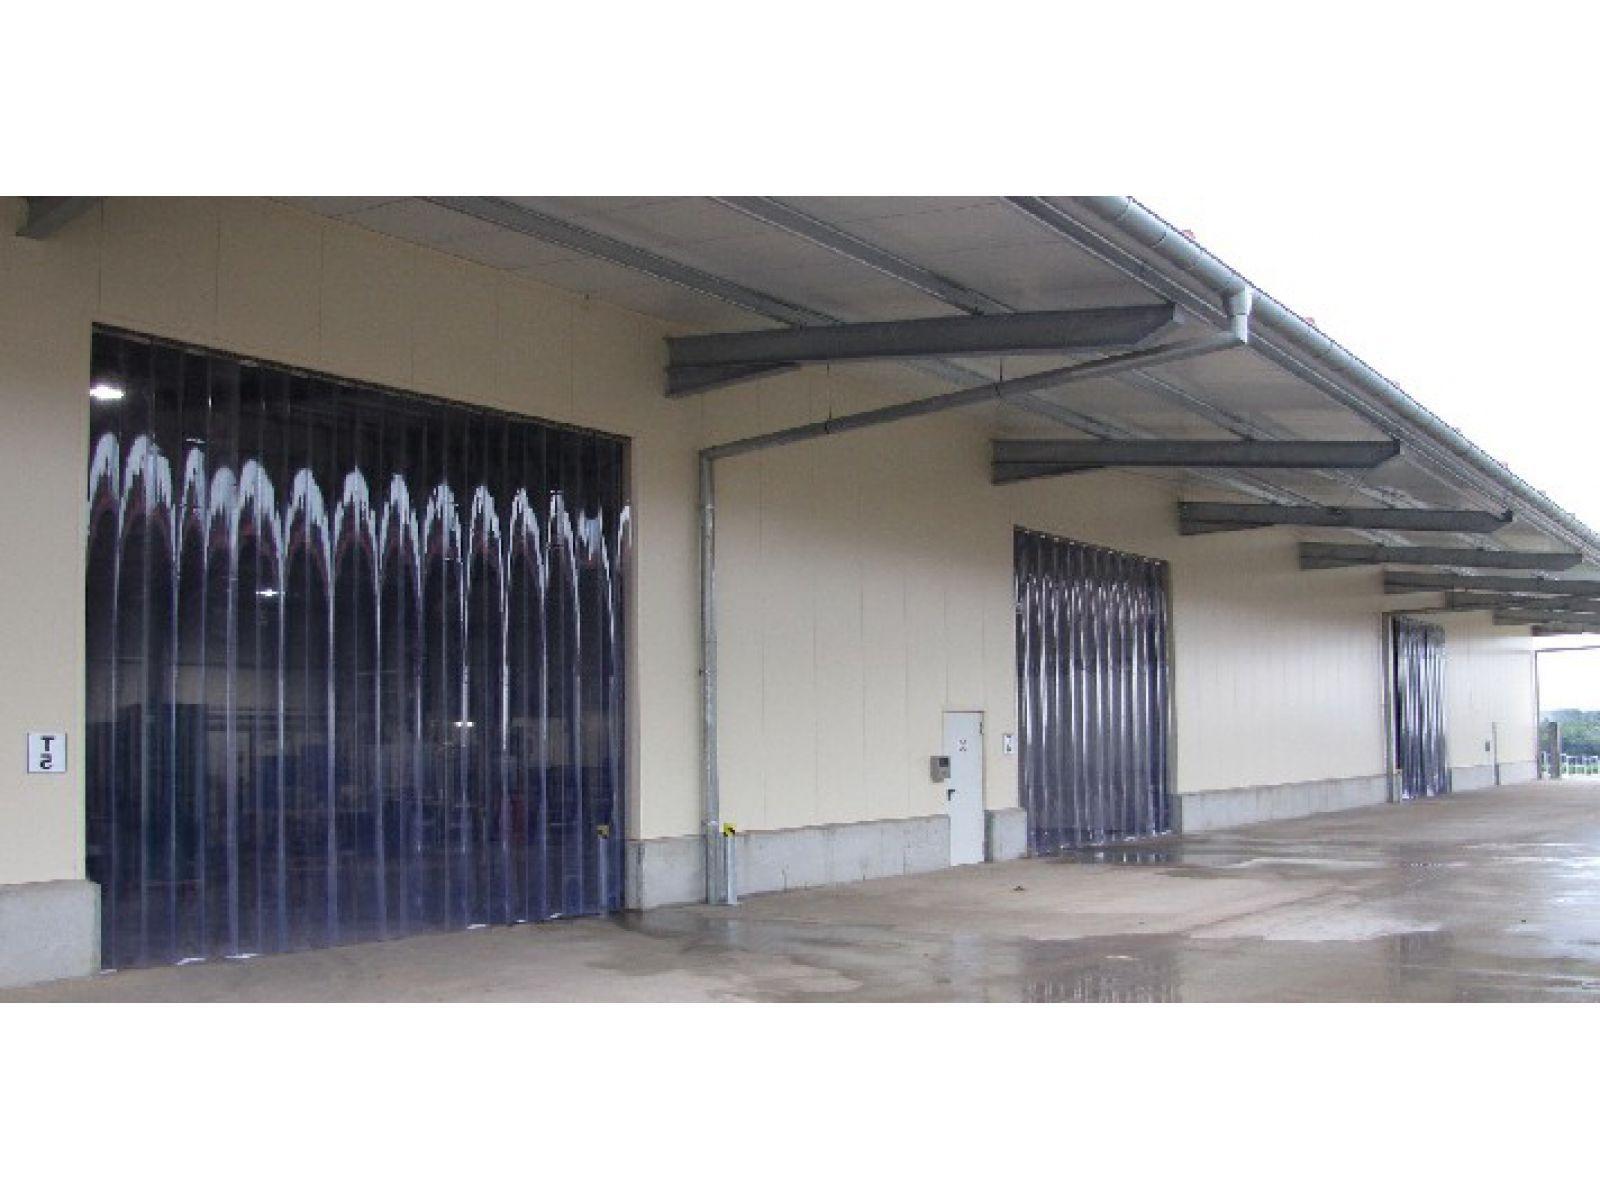 Porte À Lanières, Rideau Industriel | Pvc Souple | Hellopro.fr intérieur Rideau Exterieur Plastique